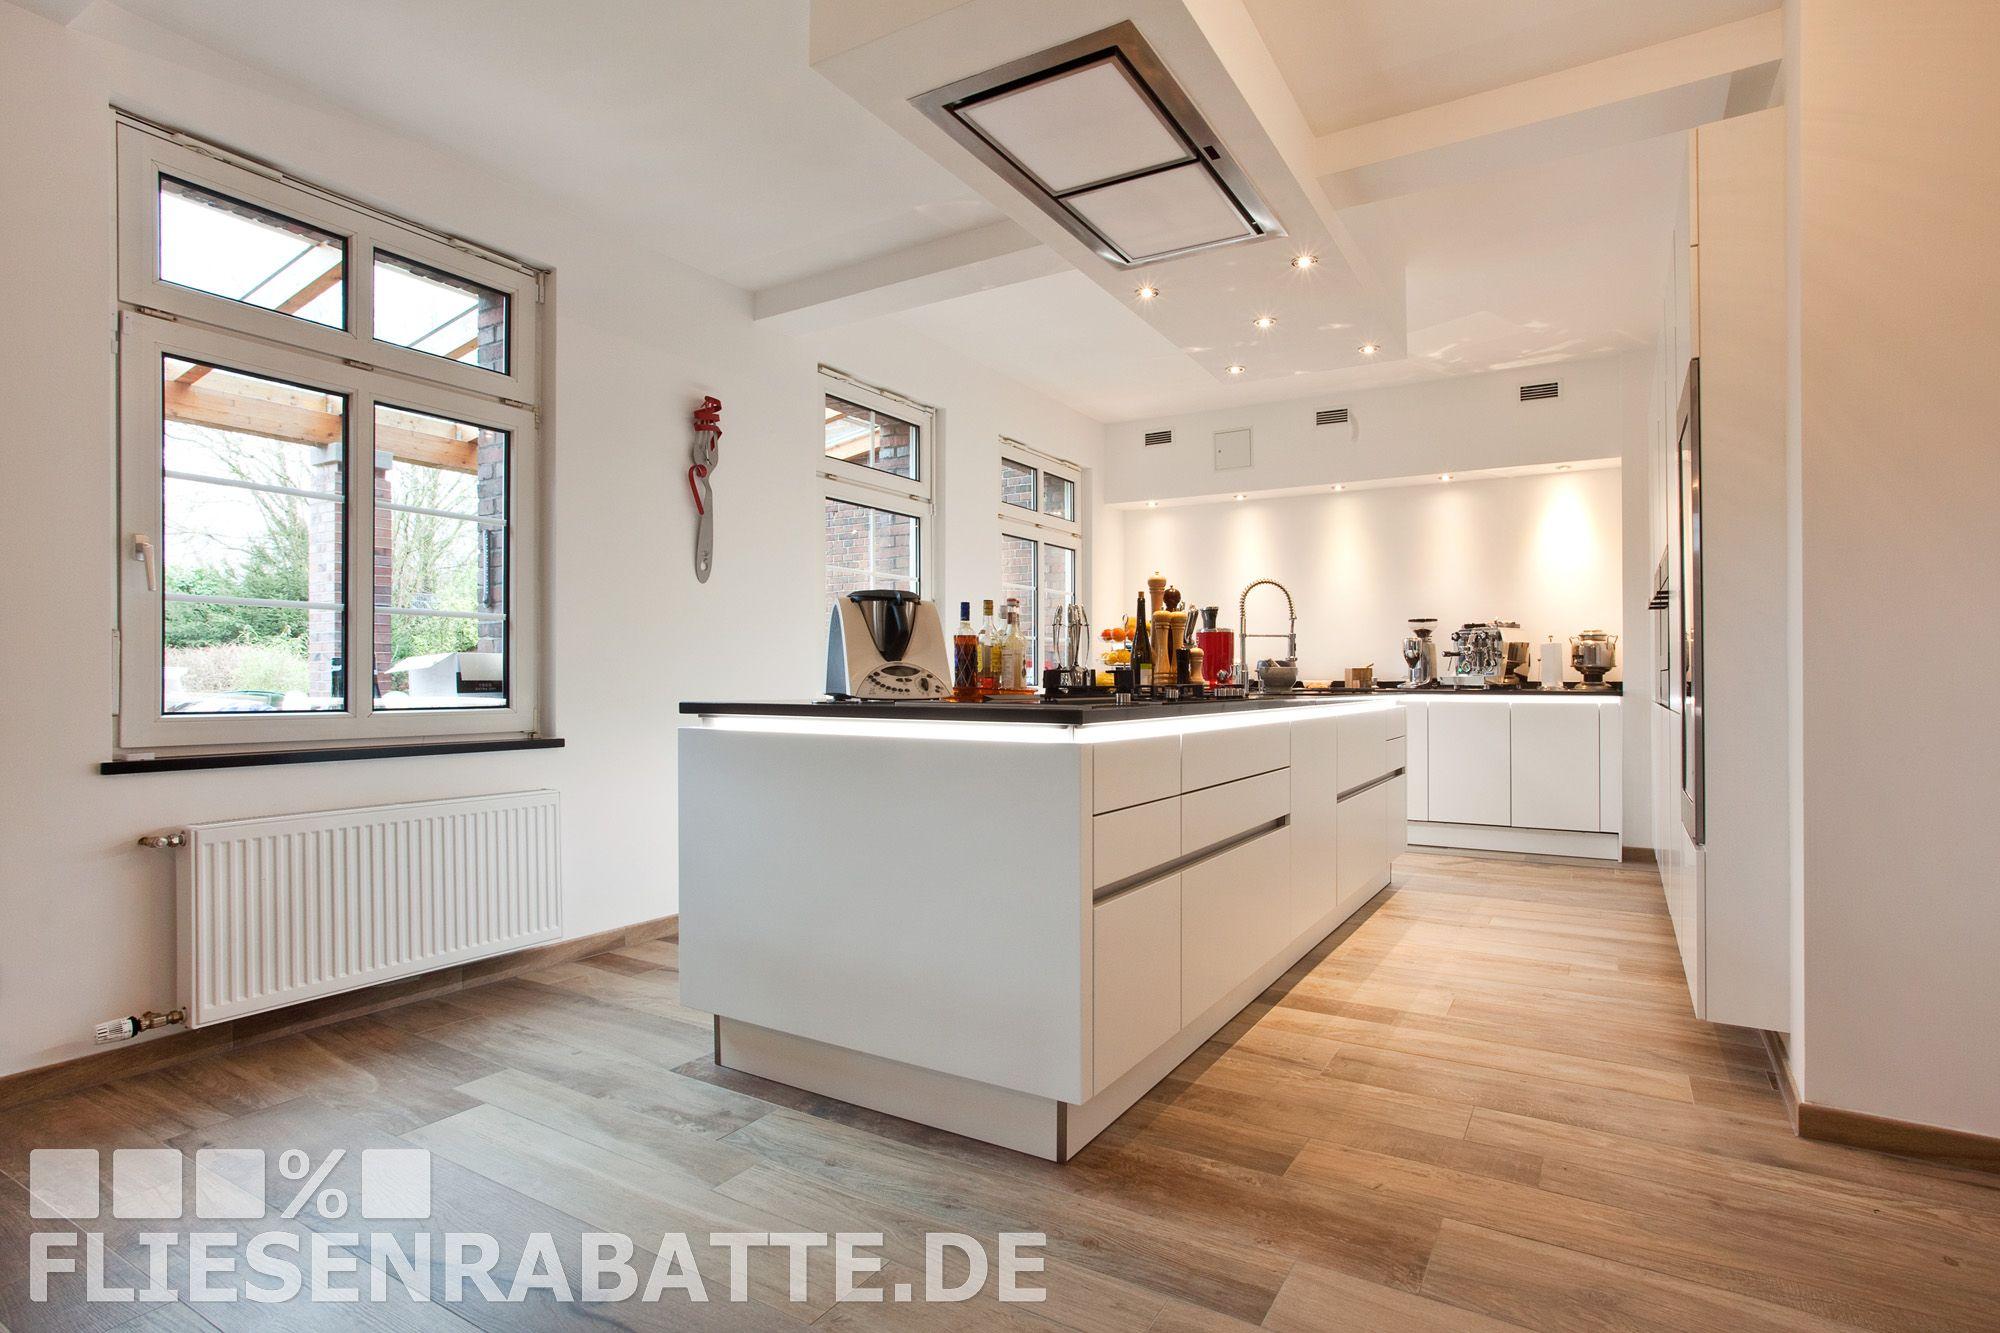 Traum Küchen Projekt by Fliesenrabatte Dortmund. Welche Fliesen ...